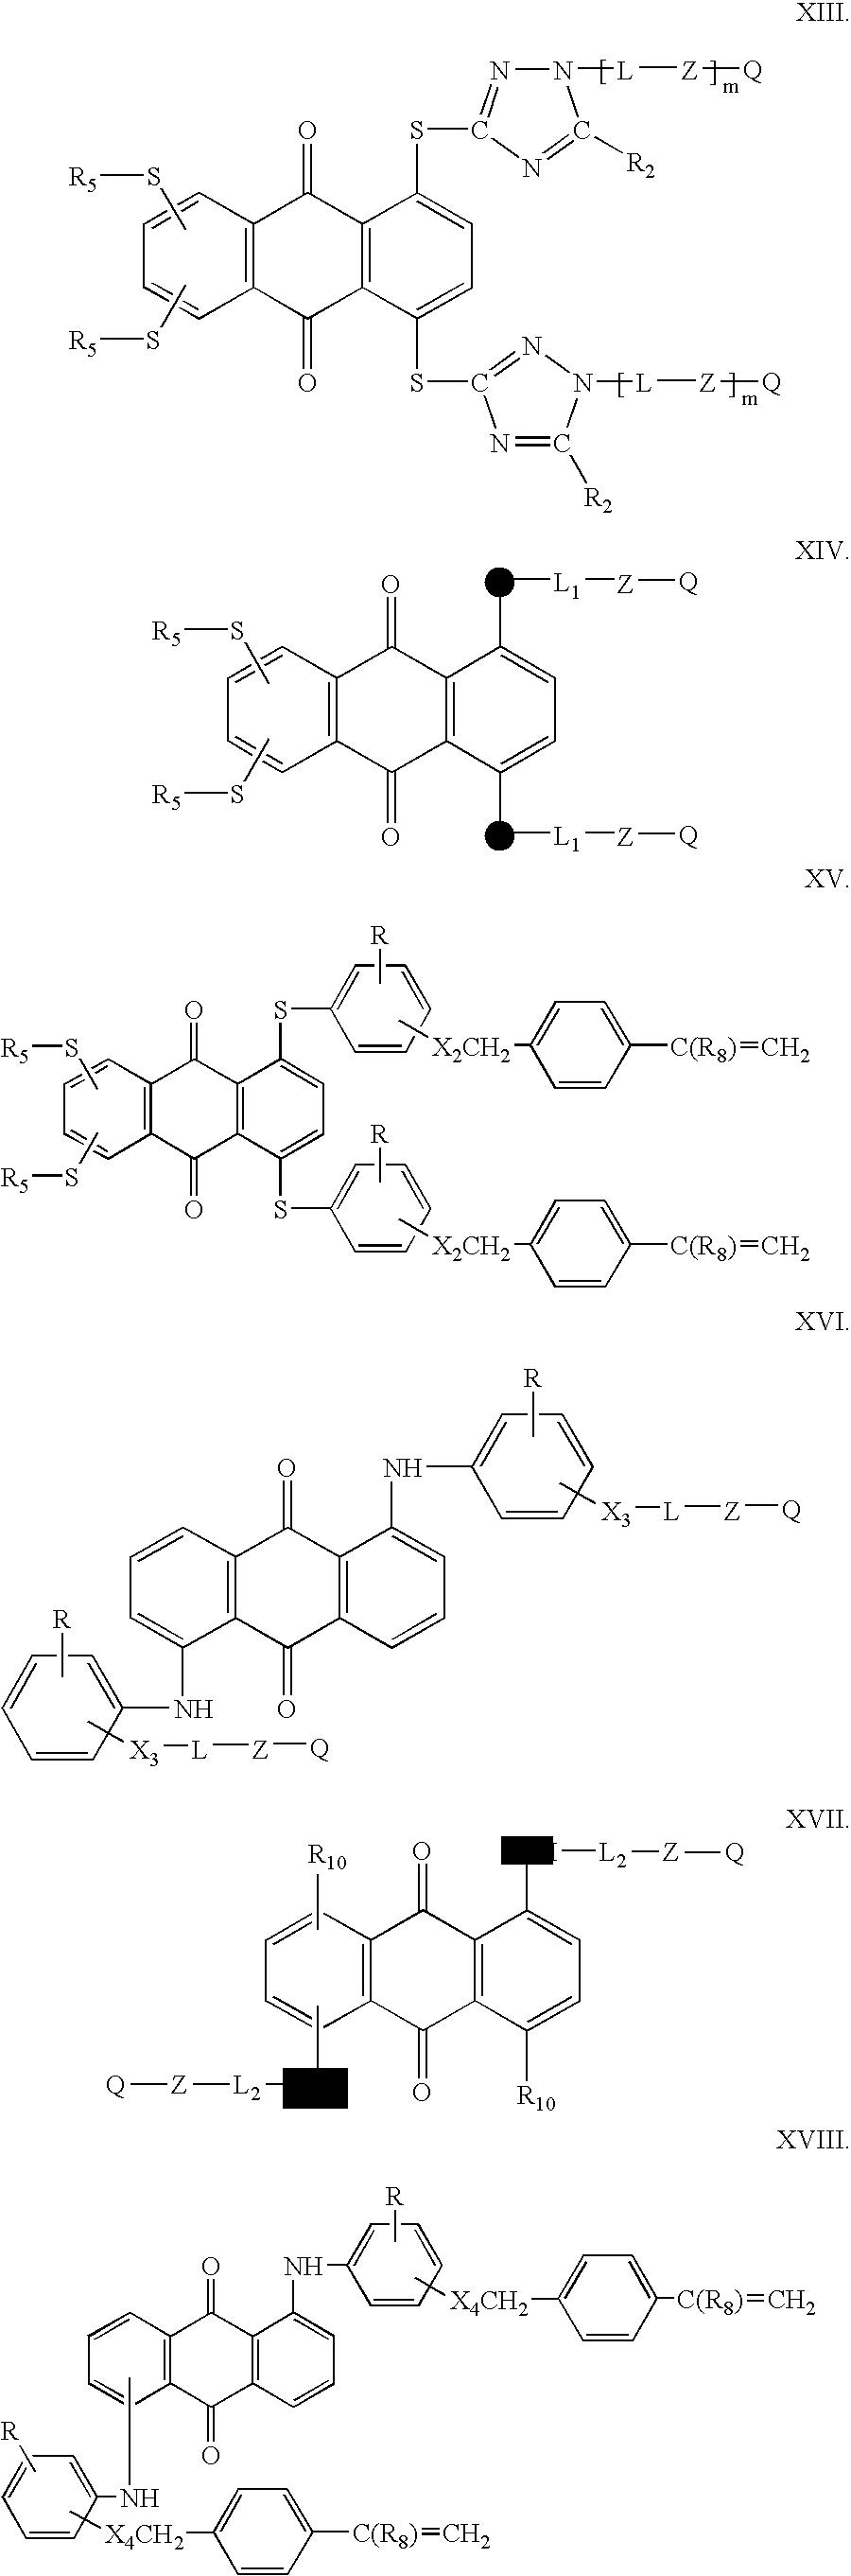 Figure US07141685-20061128-C00003